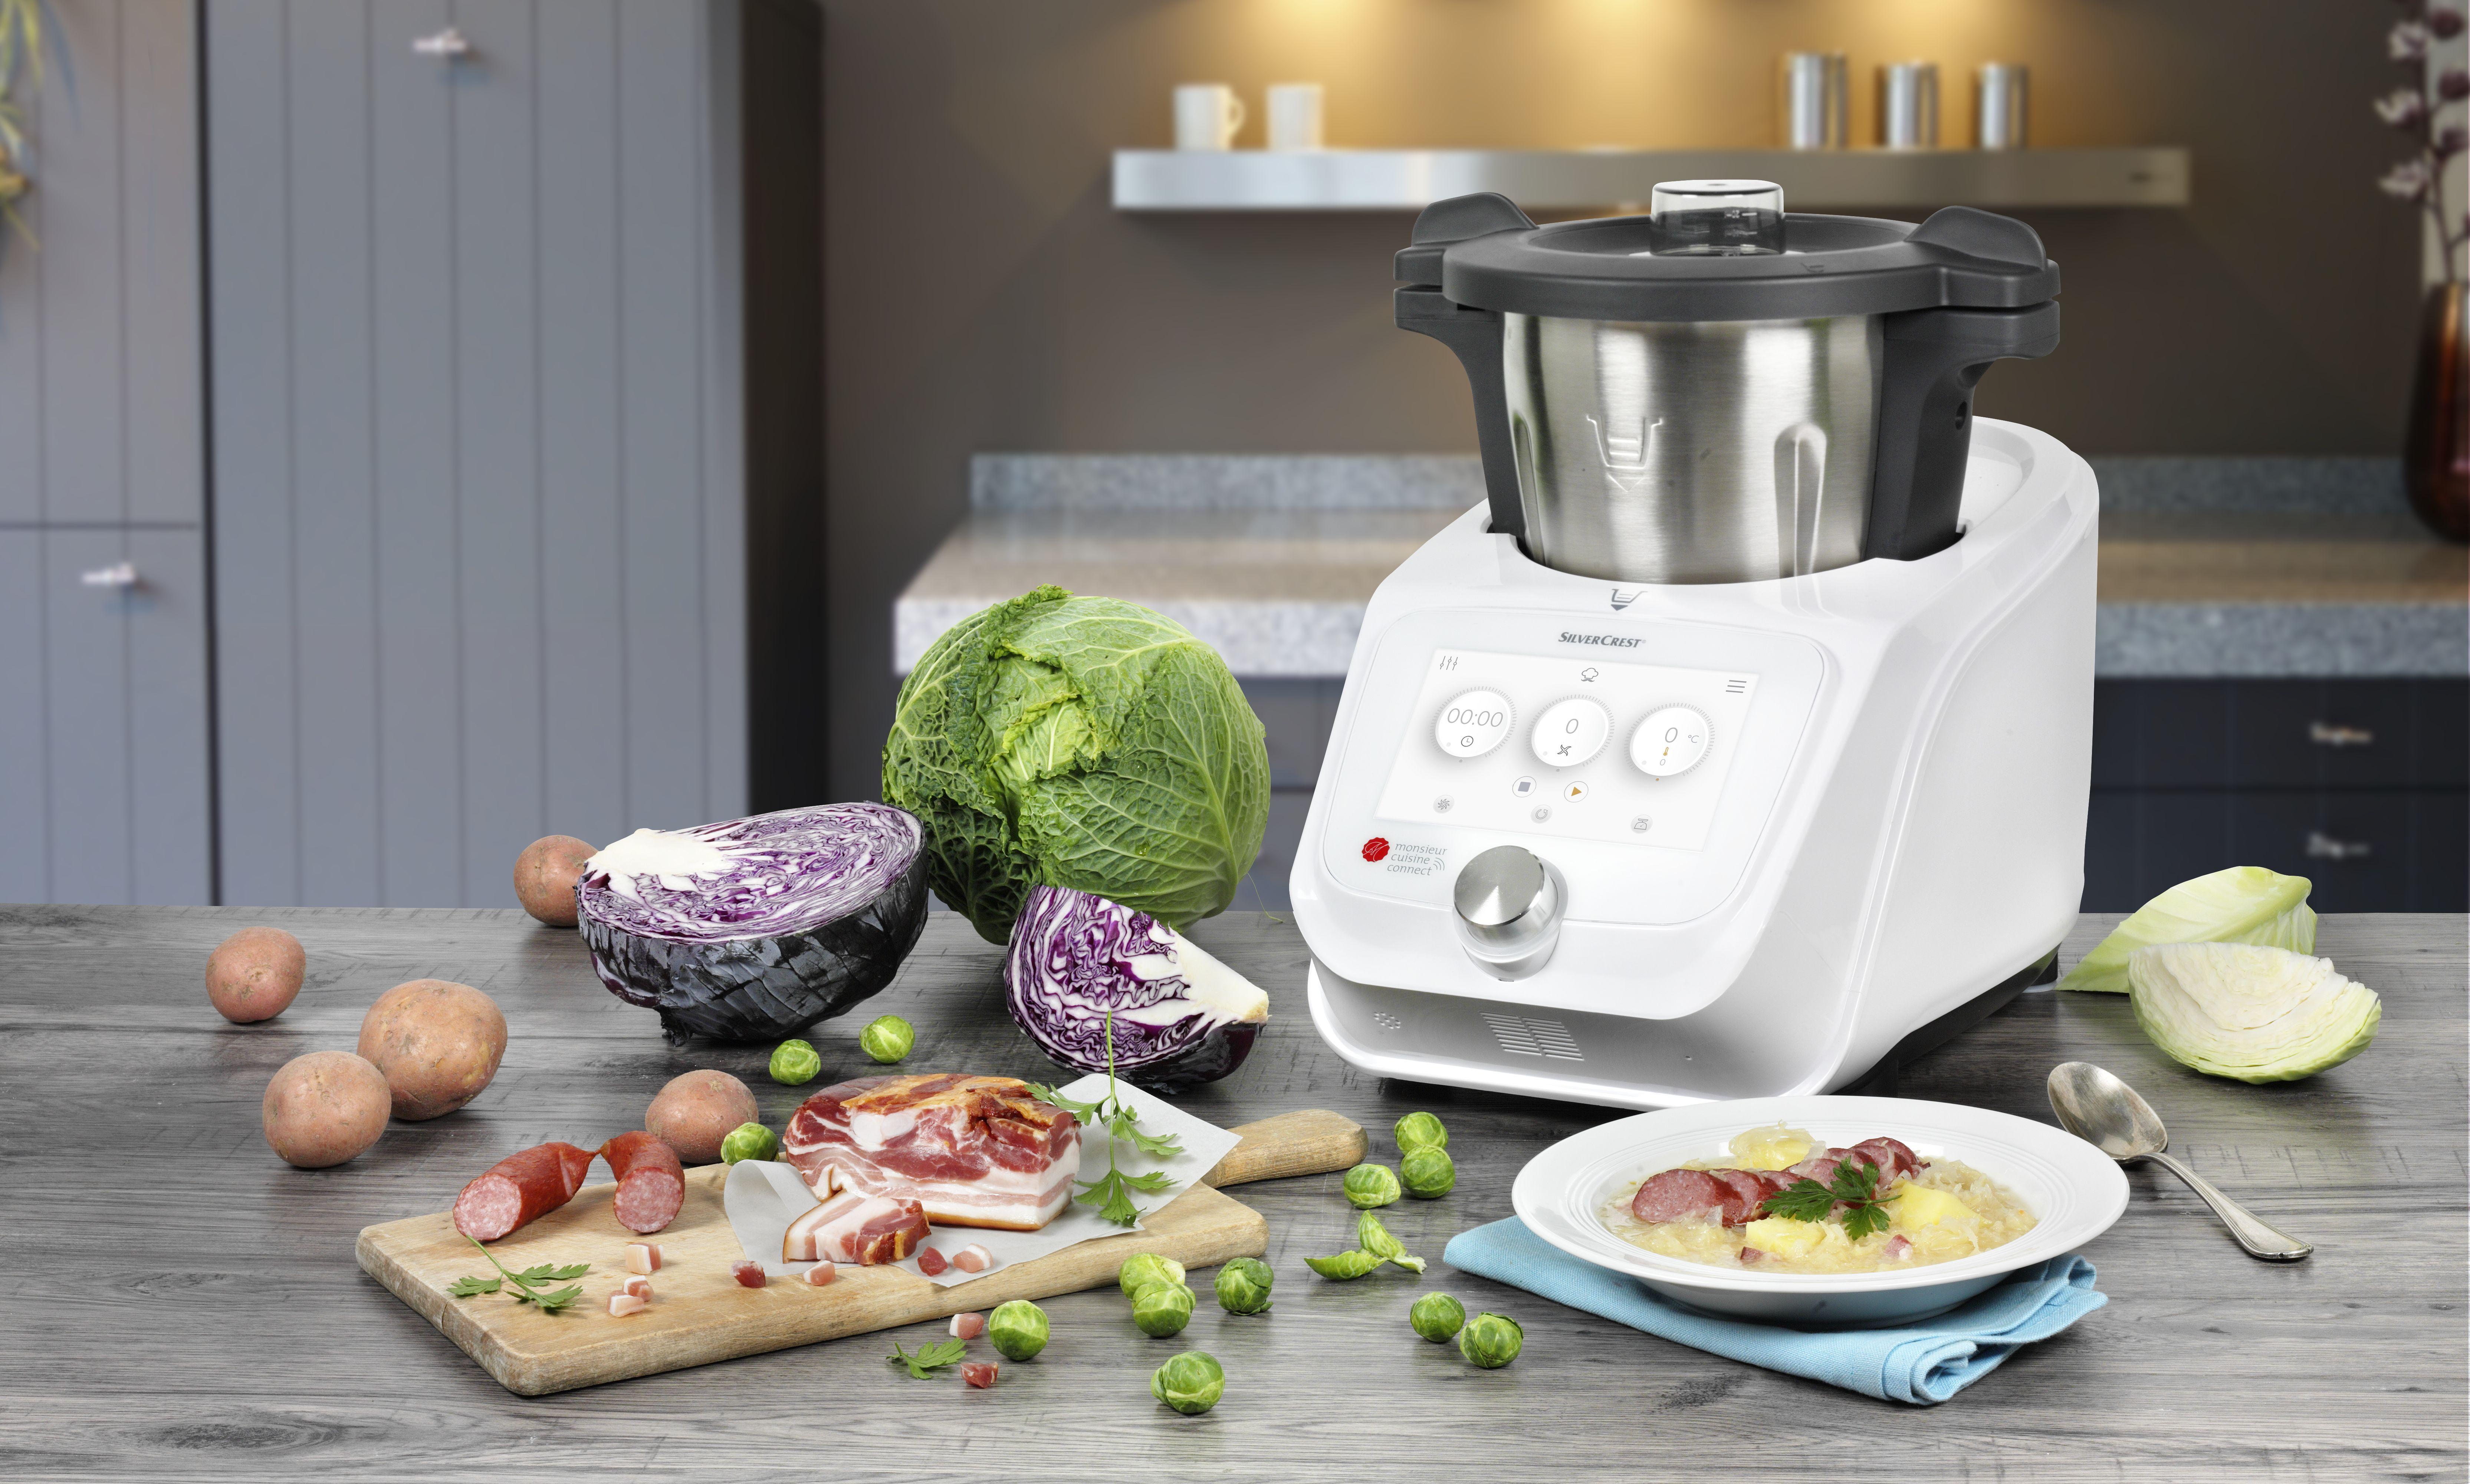 Robots Cuiseurs Multifonctions La Cuisine De Plus En Plus Connectee